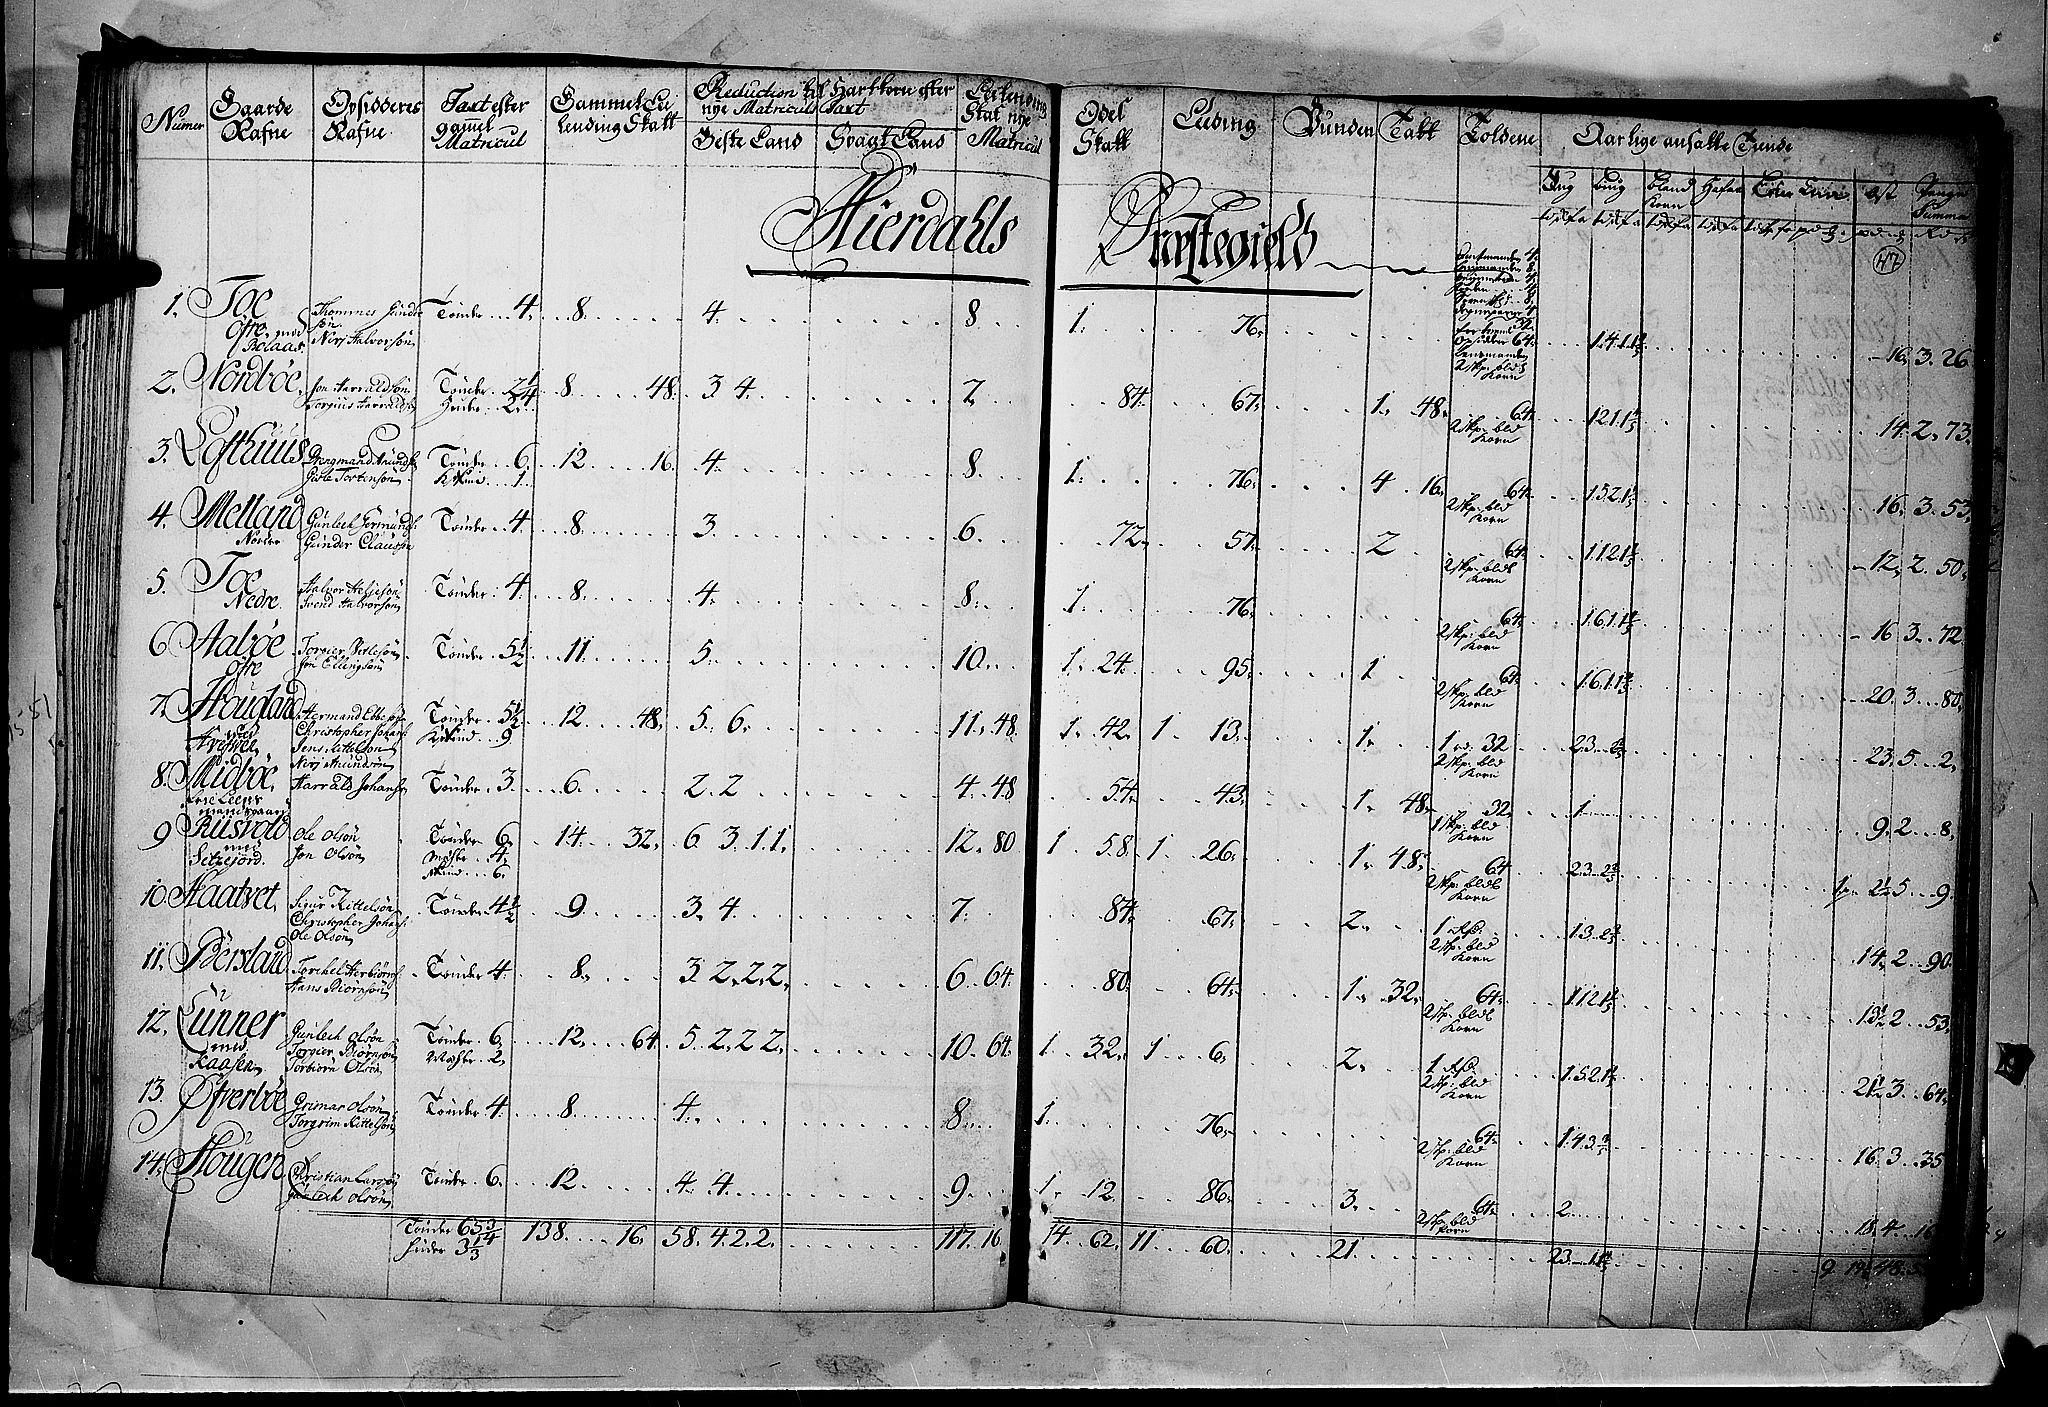 RA, Rentekammeret inntil 1814, Realistisk ordnet avdeling, N/Nb/Nbf/L0122: Øvre og Nedre Telemark matrikkelprotokoll, 1723, s. 46b-47a